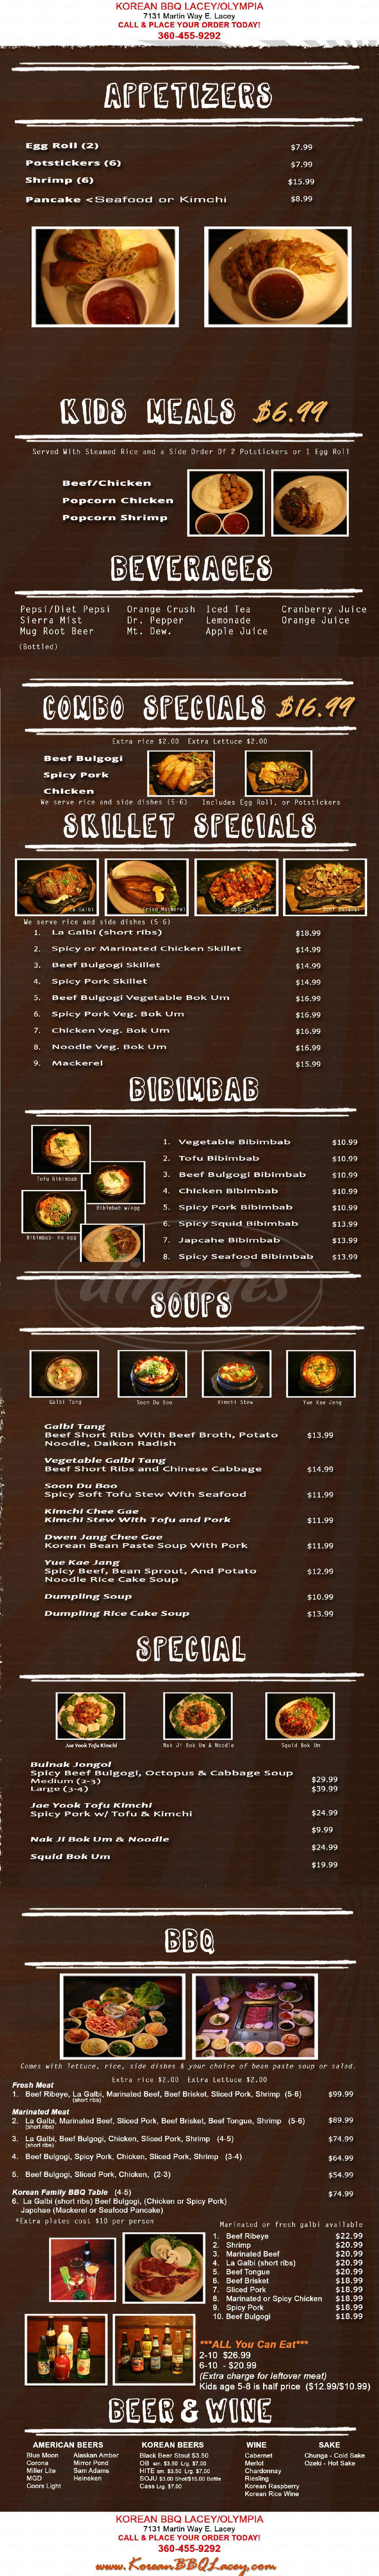 menu for # 1 Korean Bbq